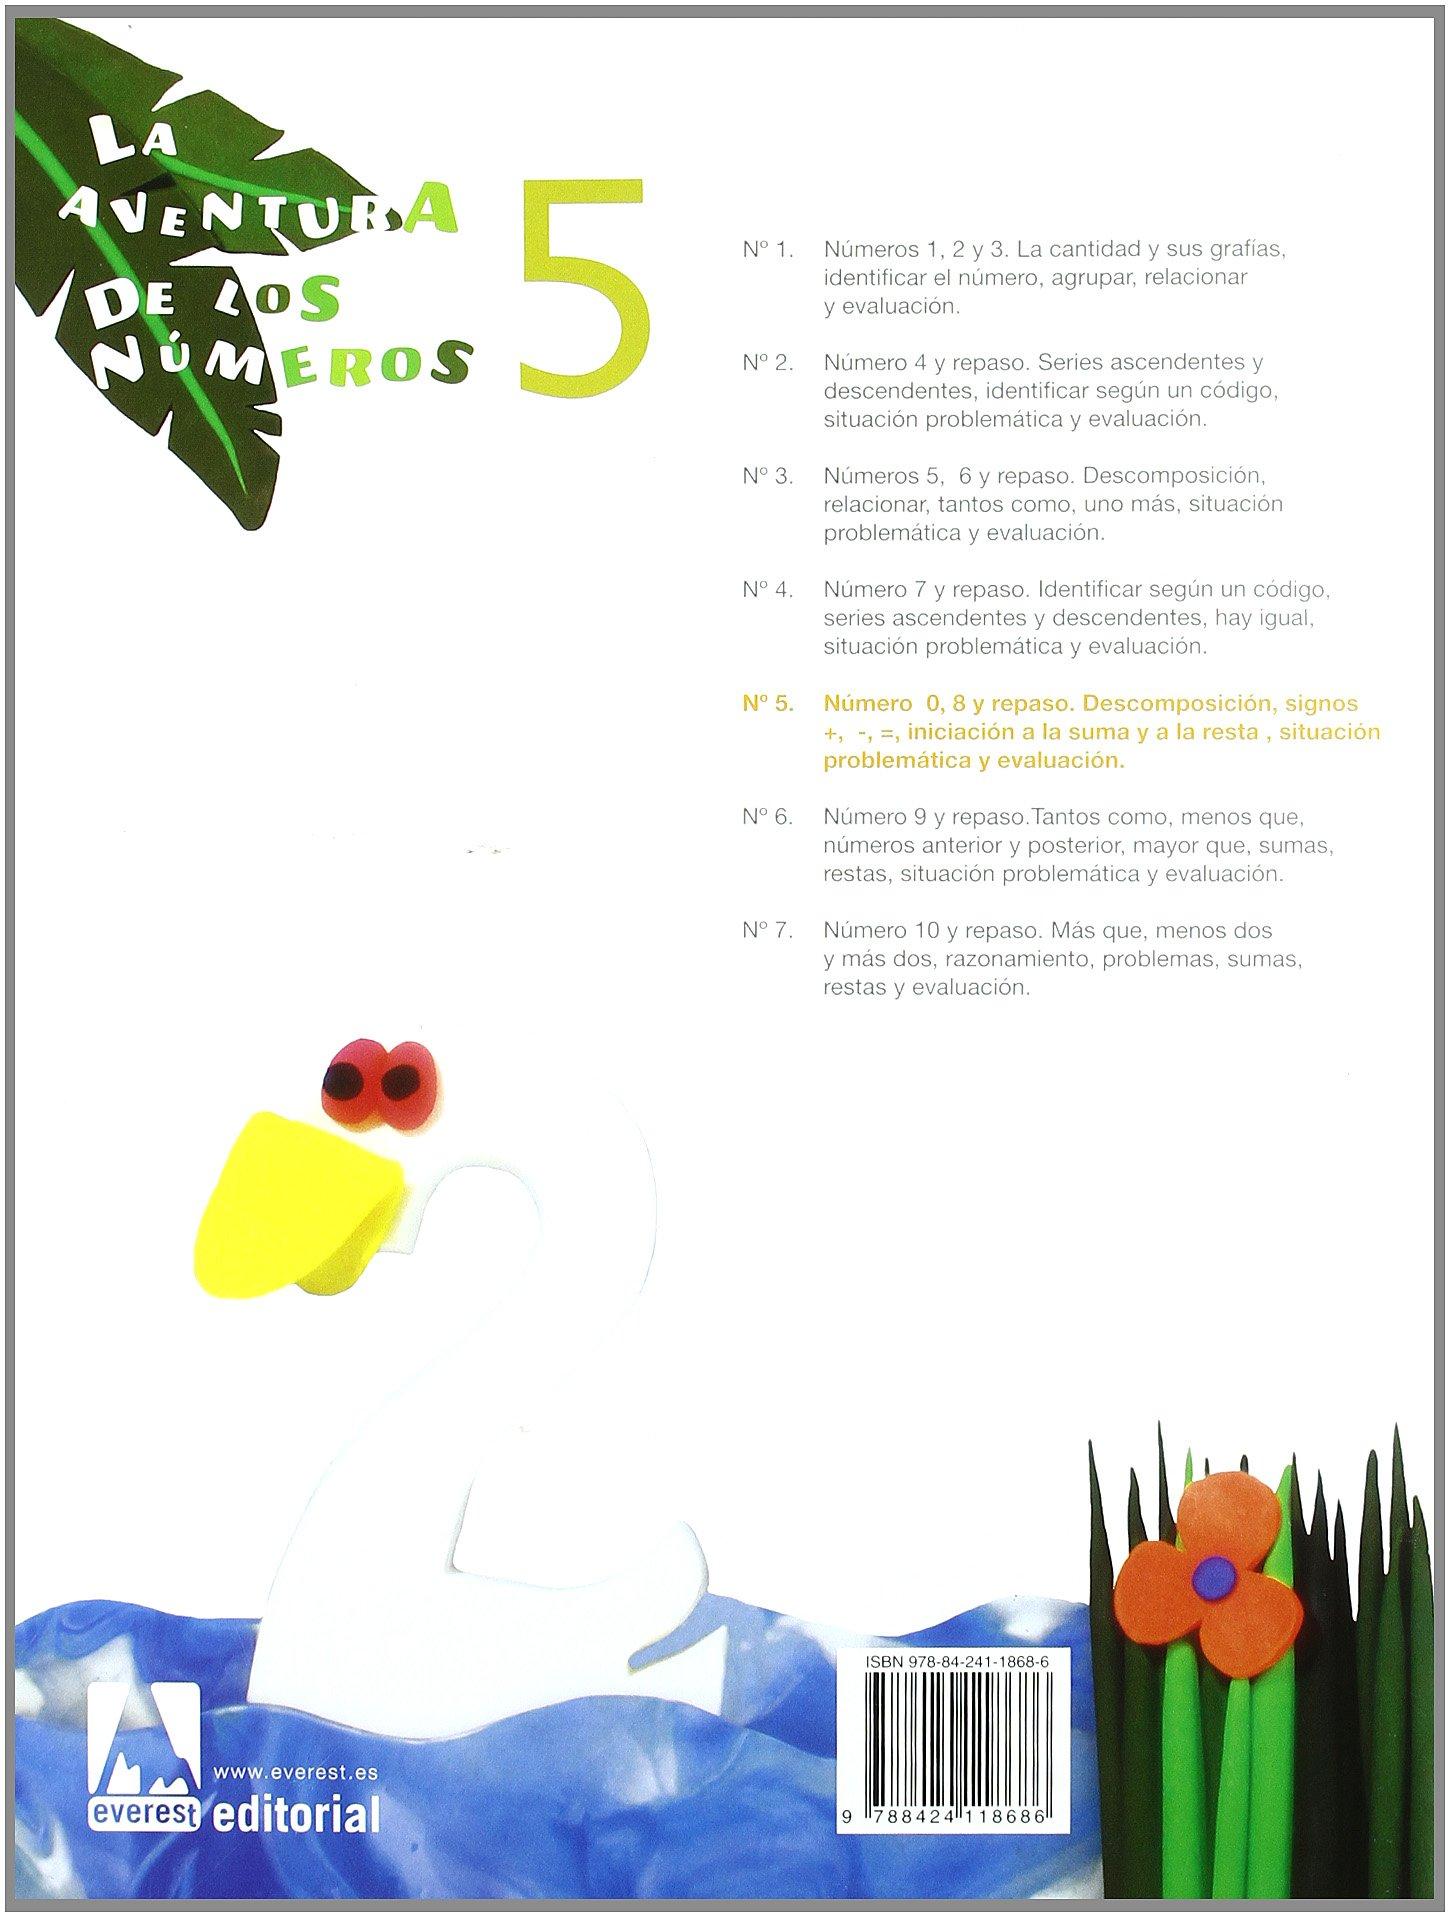 La aventura de los números 5 - 9788424118686: Amazon.es: Díez Torío Ana  María, Estébanez Estébanez Aurora, Calvo Rojo María del Carmen: Libros